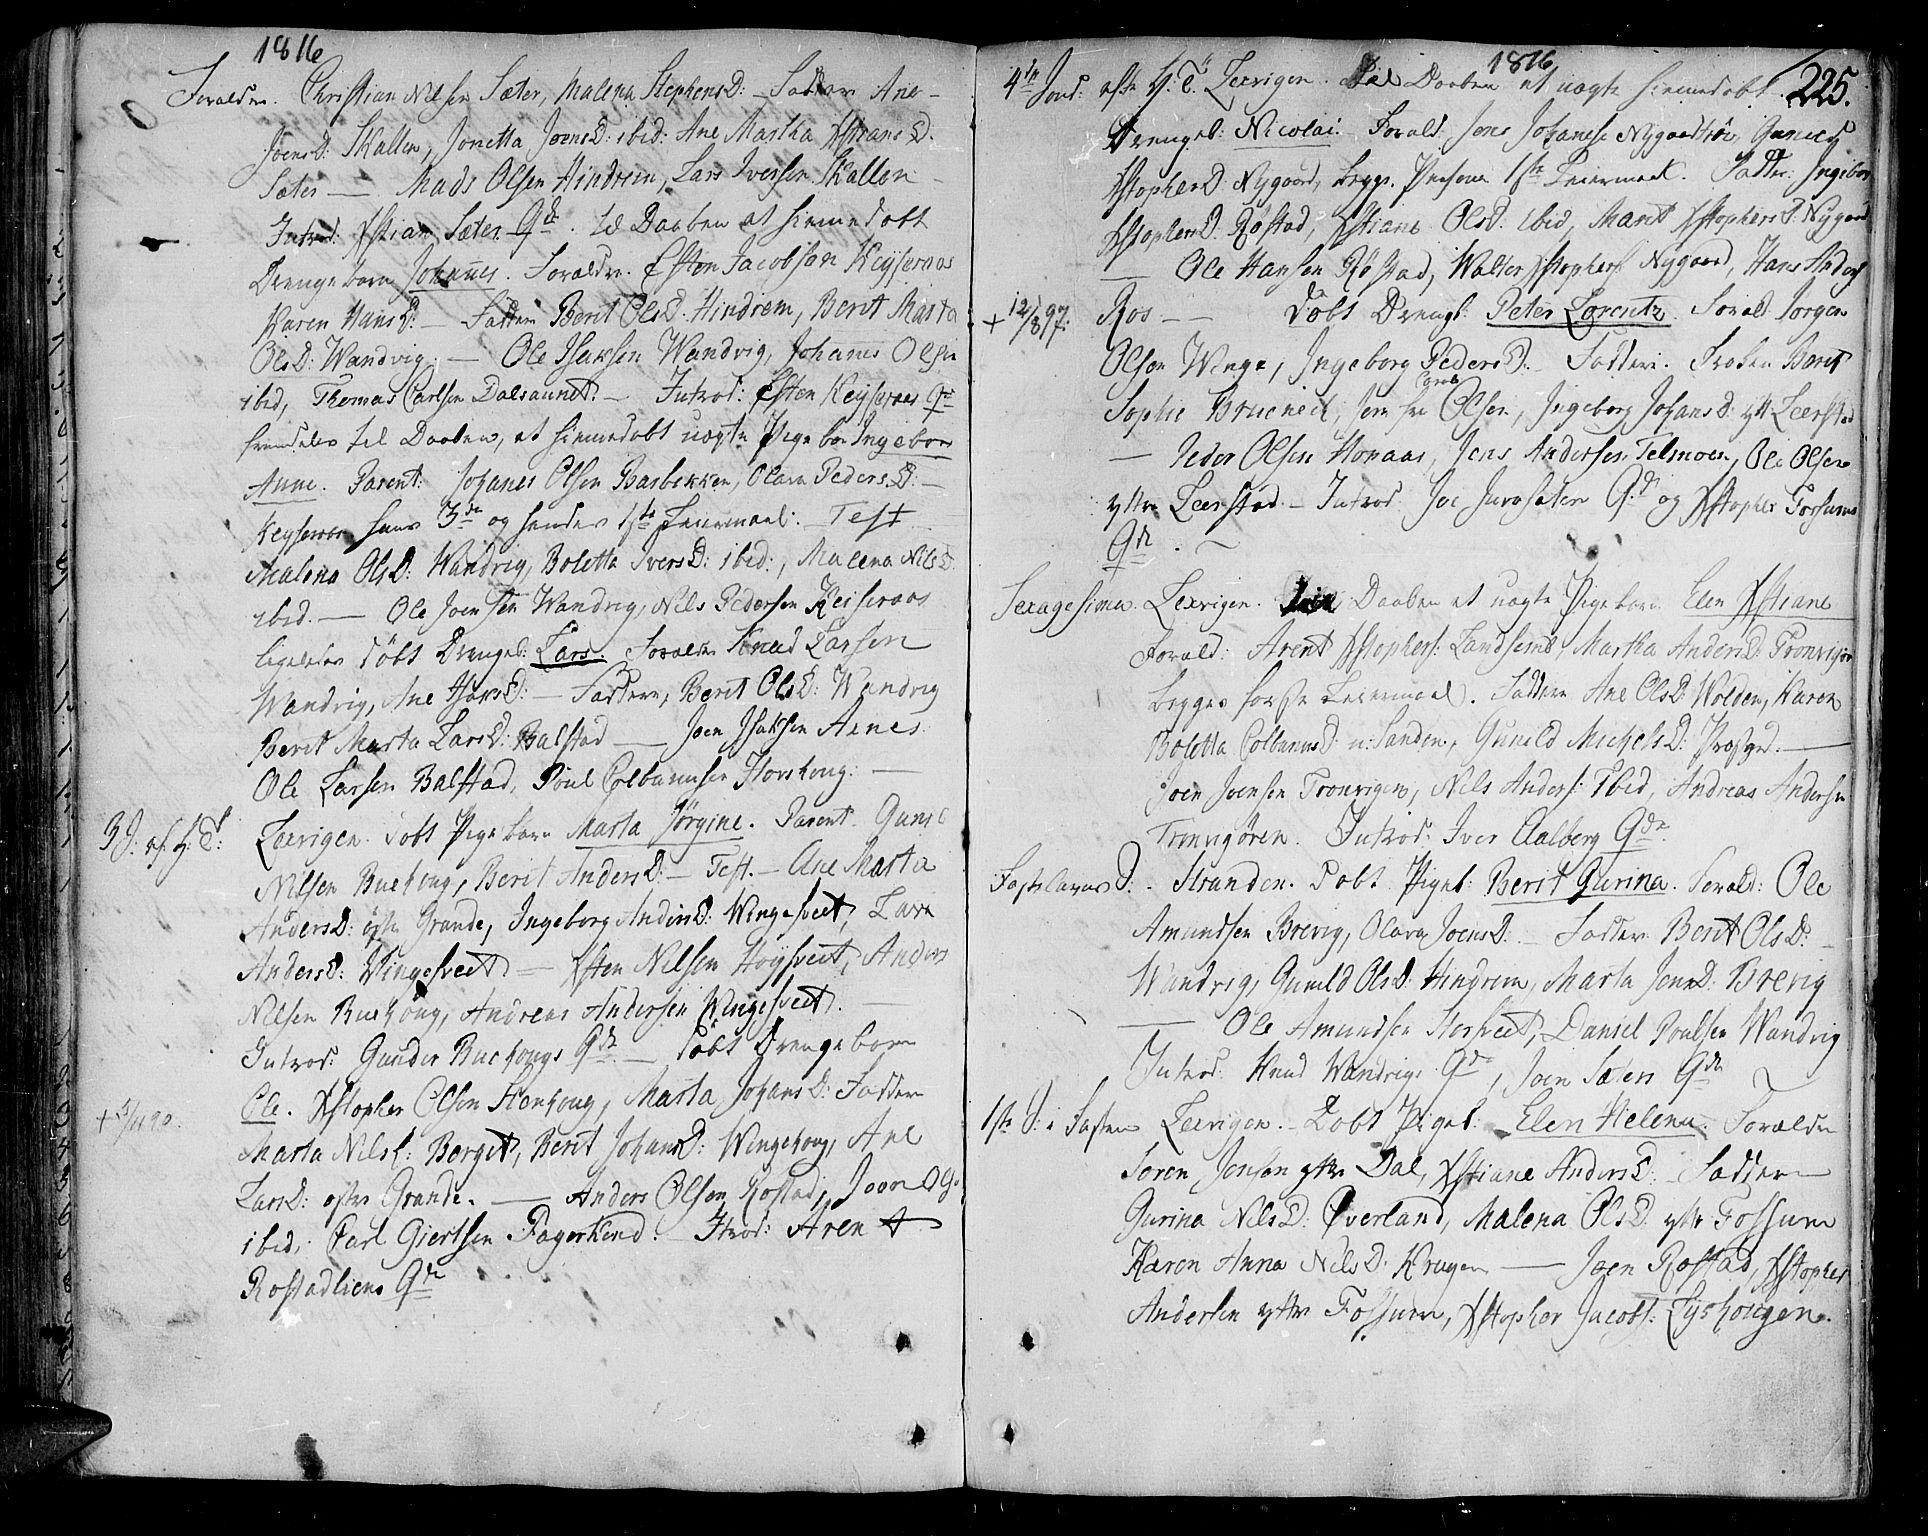 SAT, Ministerialprotokoller, klokkerbøker og fødselsregistre - Nord-Trøndelag, 701/L0004: Ministerialbok nr. 701A04, 1783-1816, s. 225